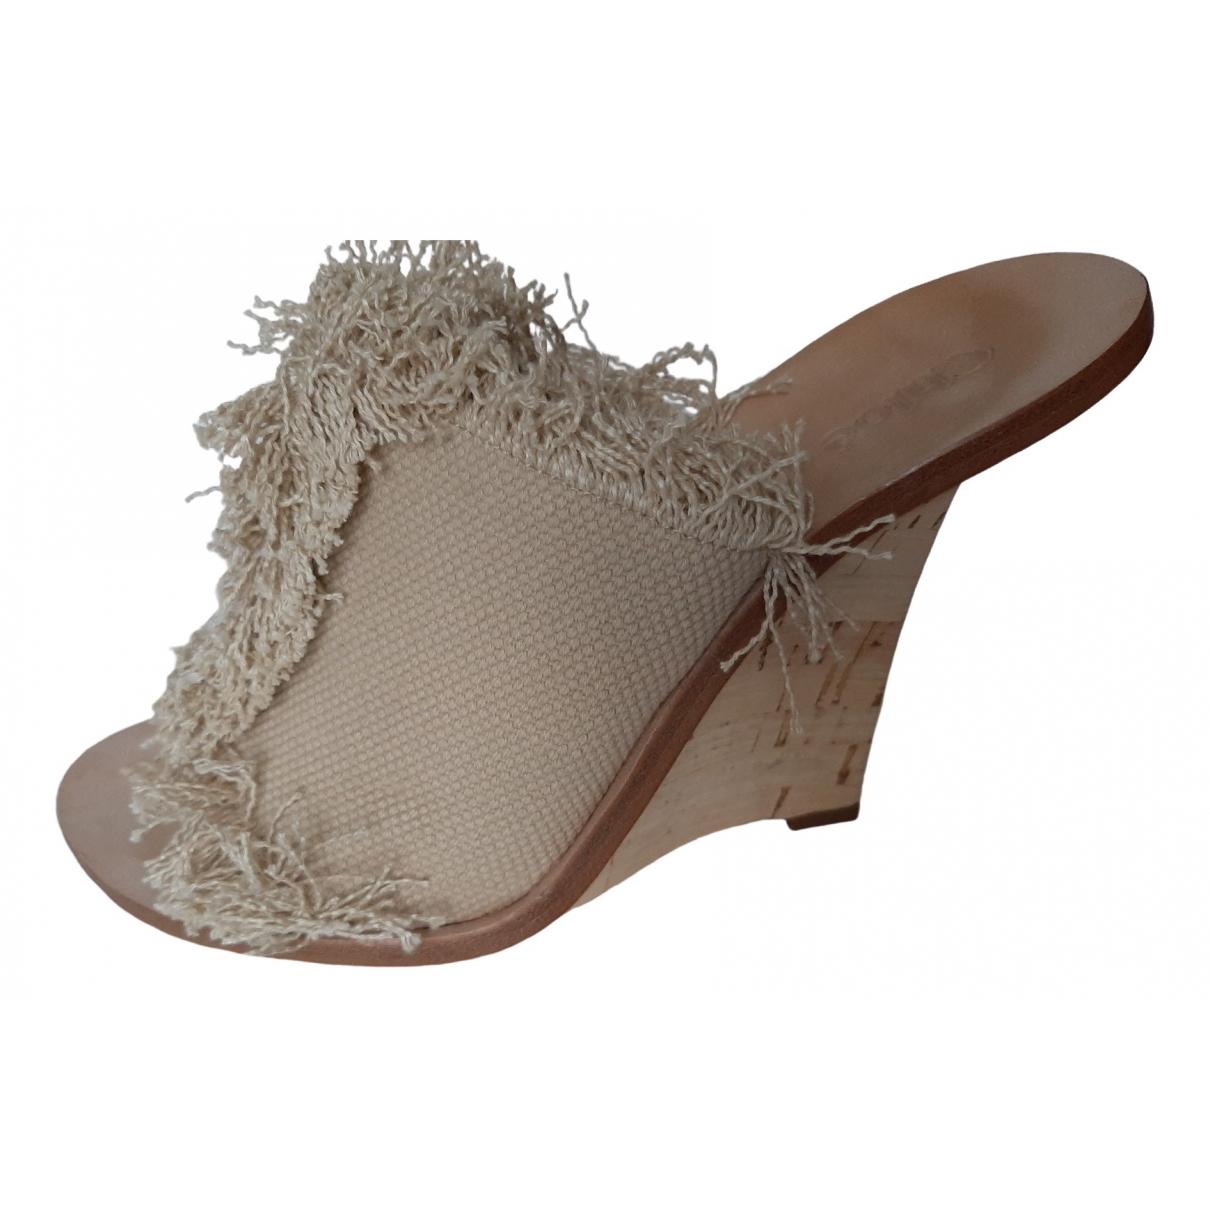 Chloe - Sandales   pour femme en tweed - beige